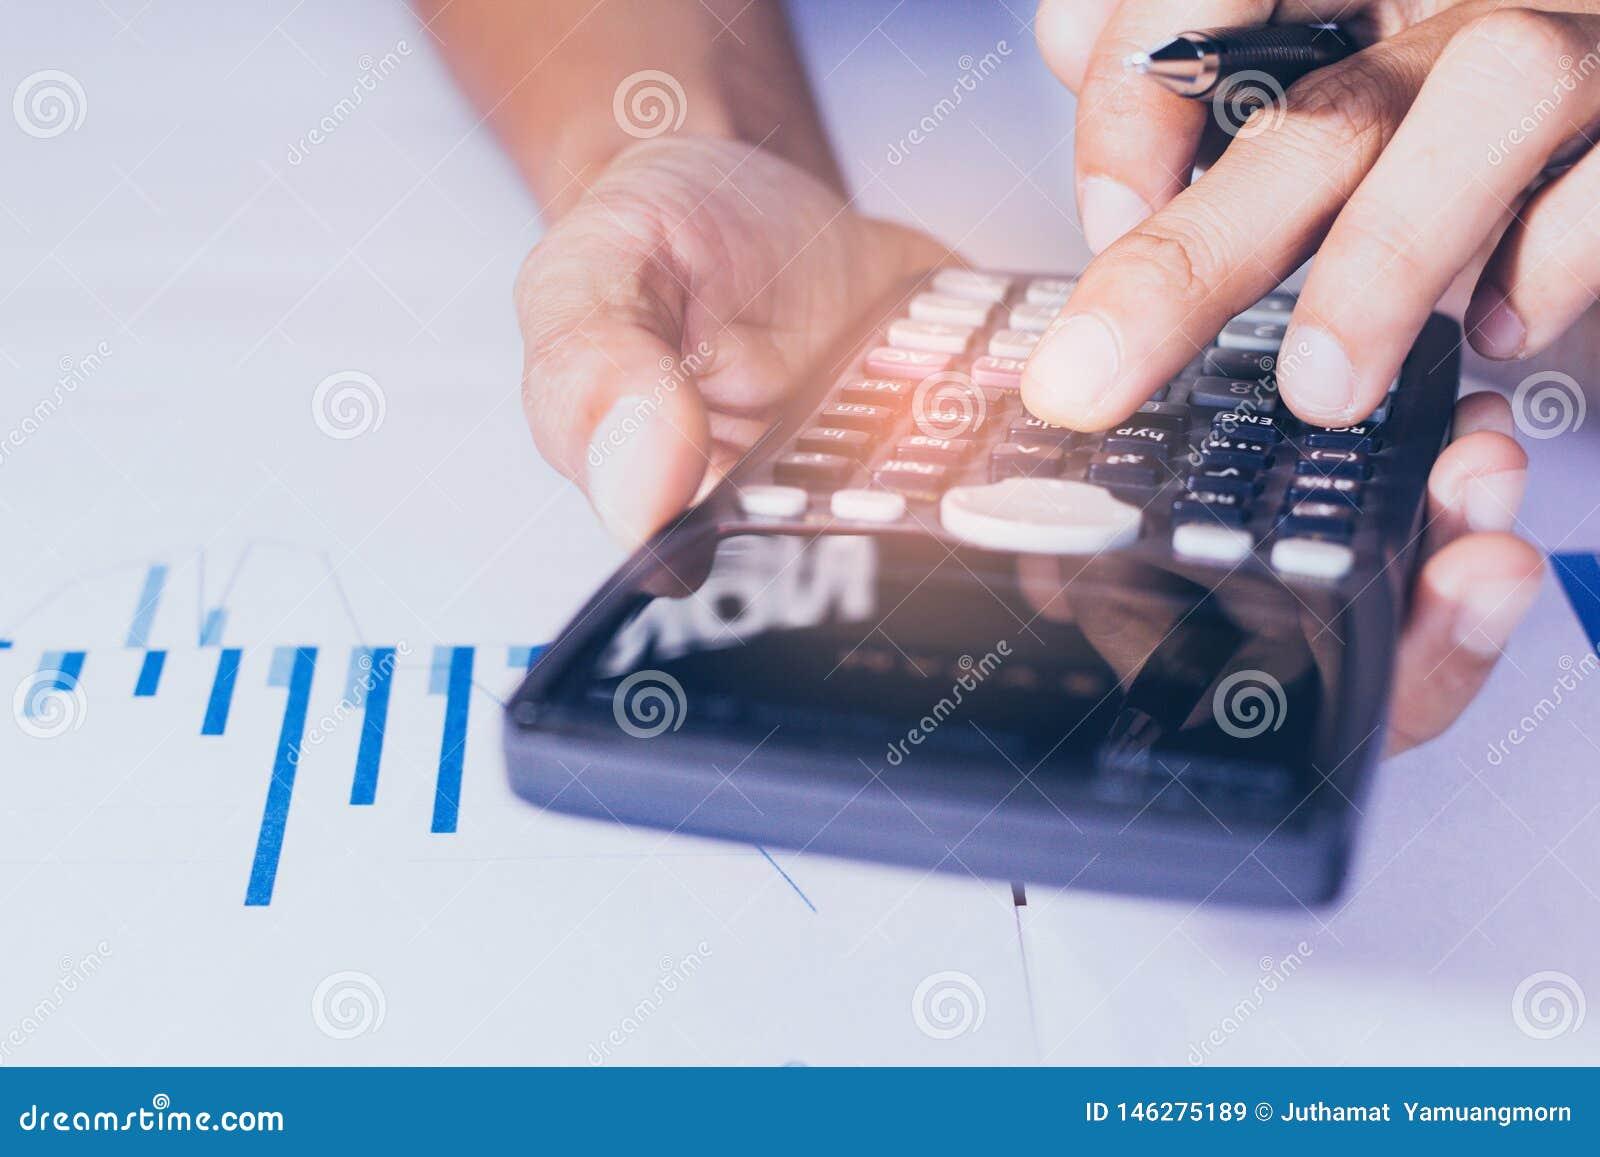 Nahaufnahme Hand des Gesch?fts- oder Kontoarbeitstaschenrechners, Gewinn oder Diagrammwirtschaft auf Hauptb?rotisch